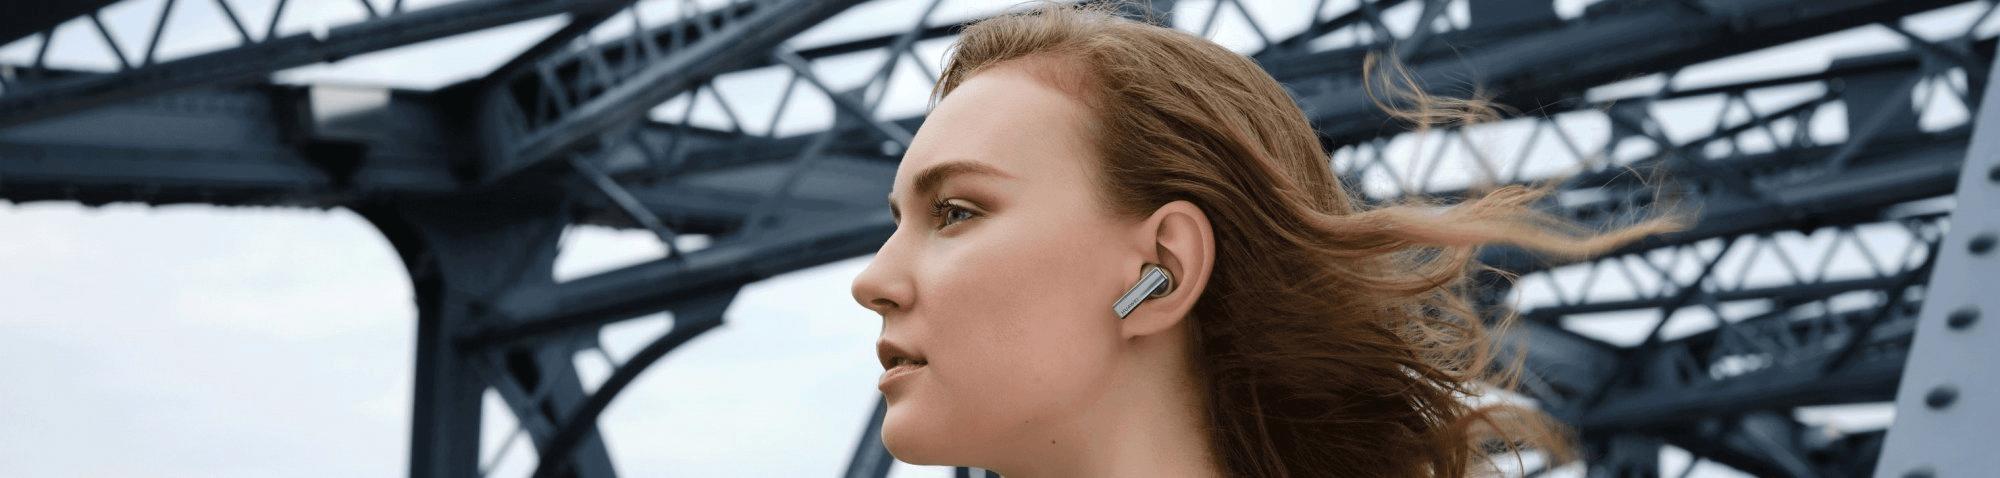 ultramoderné minimalistické bluetooth 5.2 slúchadlá bezdrôtová huawei freebuds pre 7h výdrž na nabitie anc technológie potlačenia hluku detekcie v ušiach nabíjací box systém 3 mikrofónov potláčajúce hluky pri handsfree pohodlné v ušiach